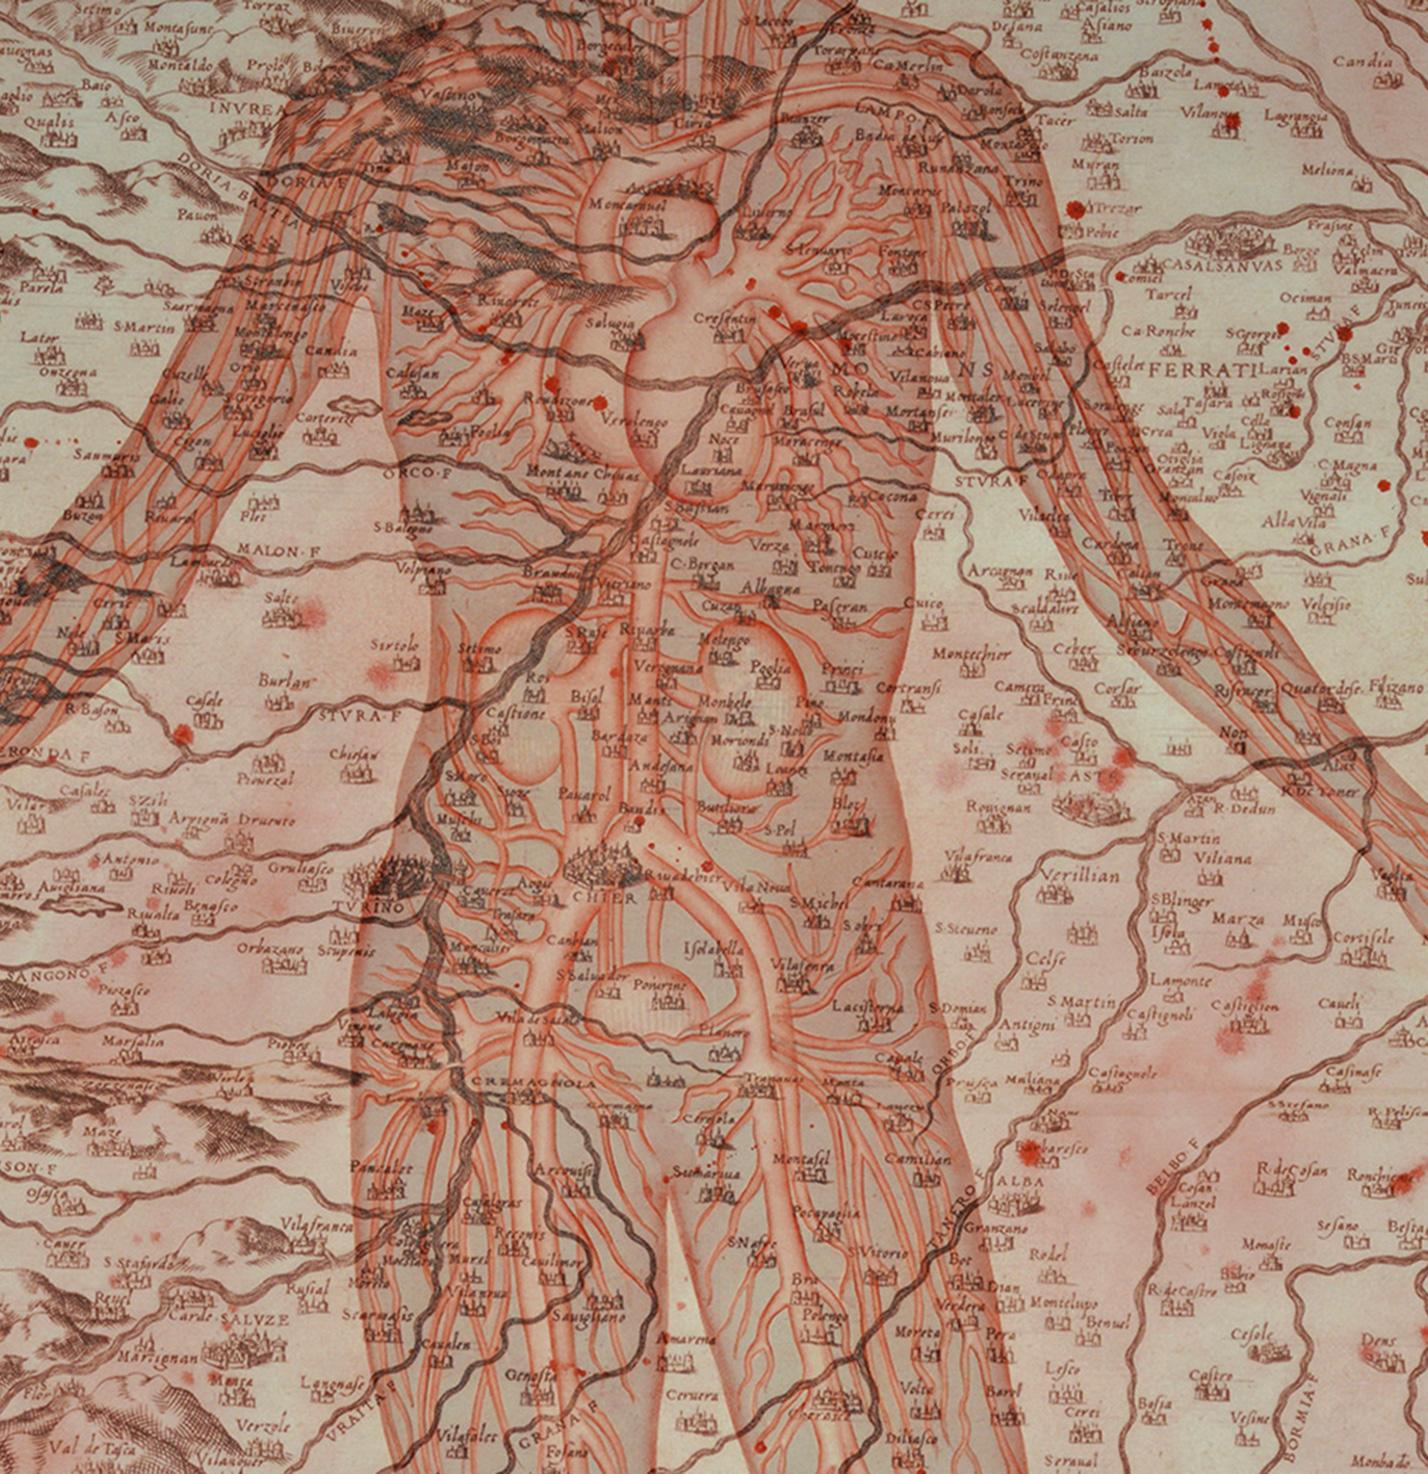 Stefano Bolzano, Di questa terra, acquerello su carta applicato su due pannelli, 104x106 cm, 2020 (dettaglio).